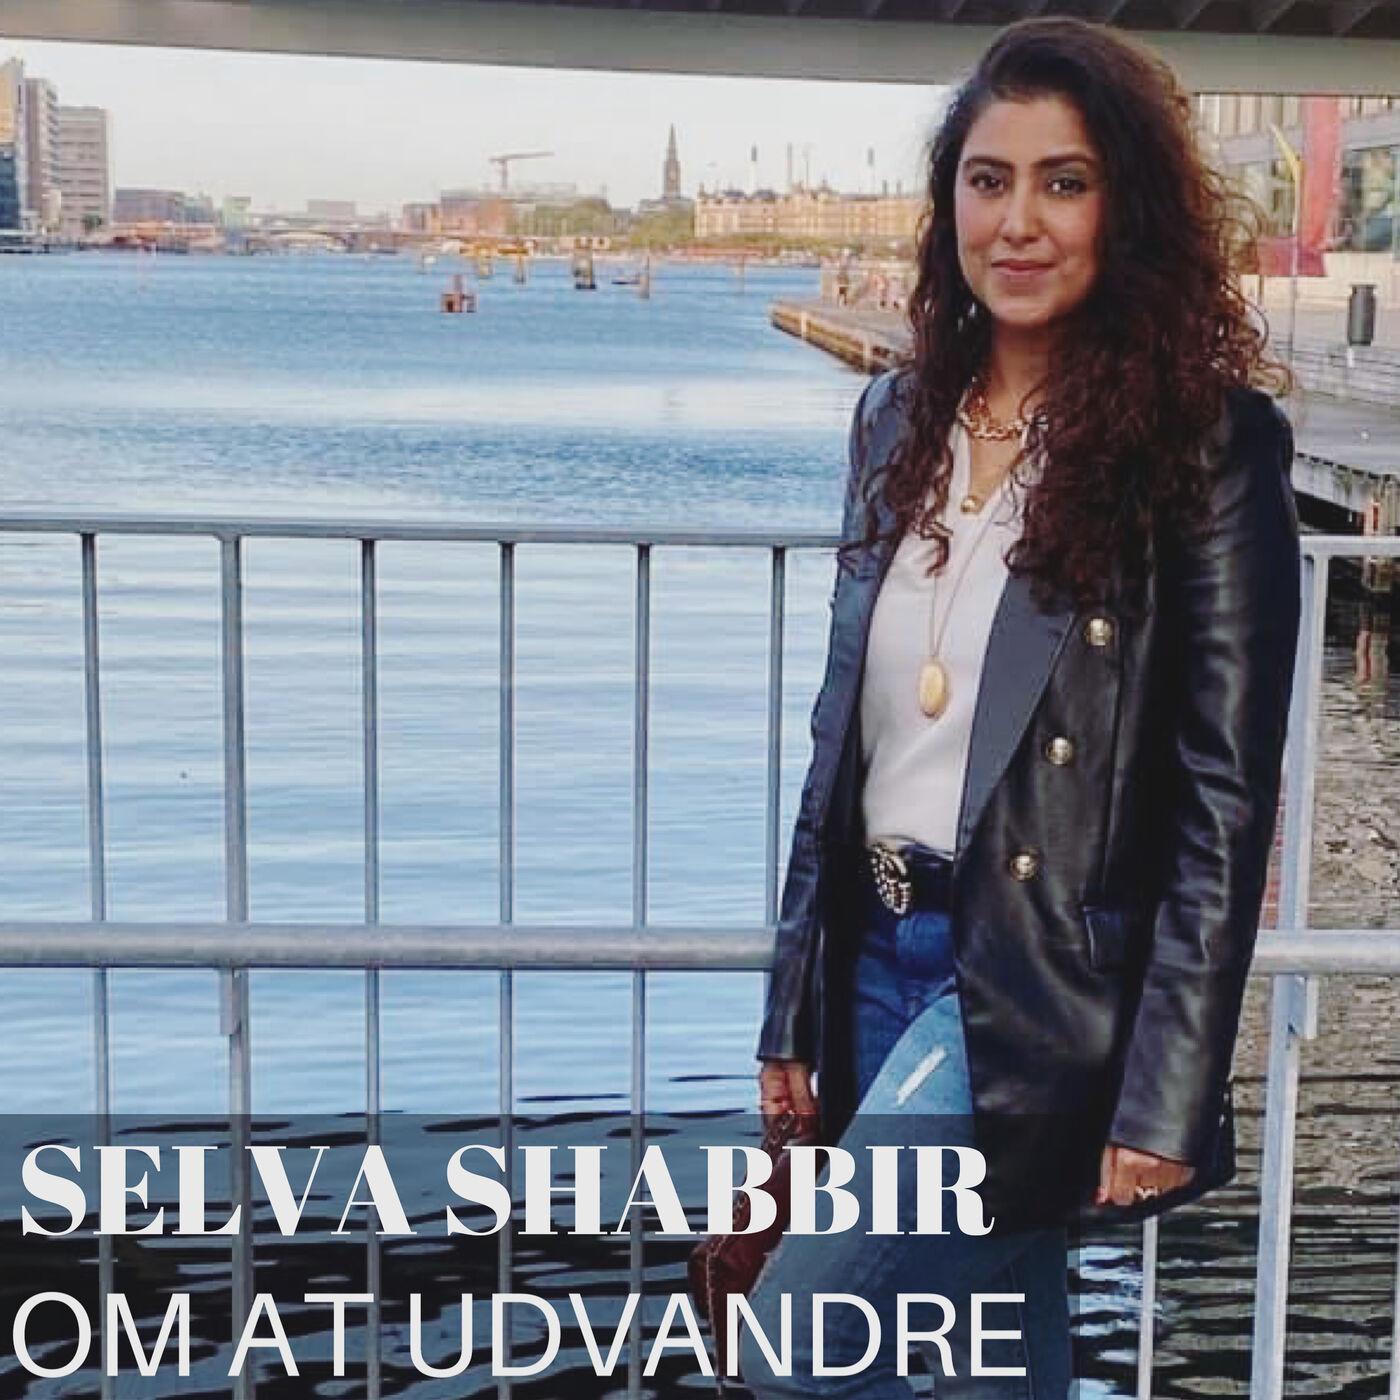 Med Selva Shabbir om at udvandre